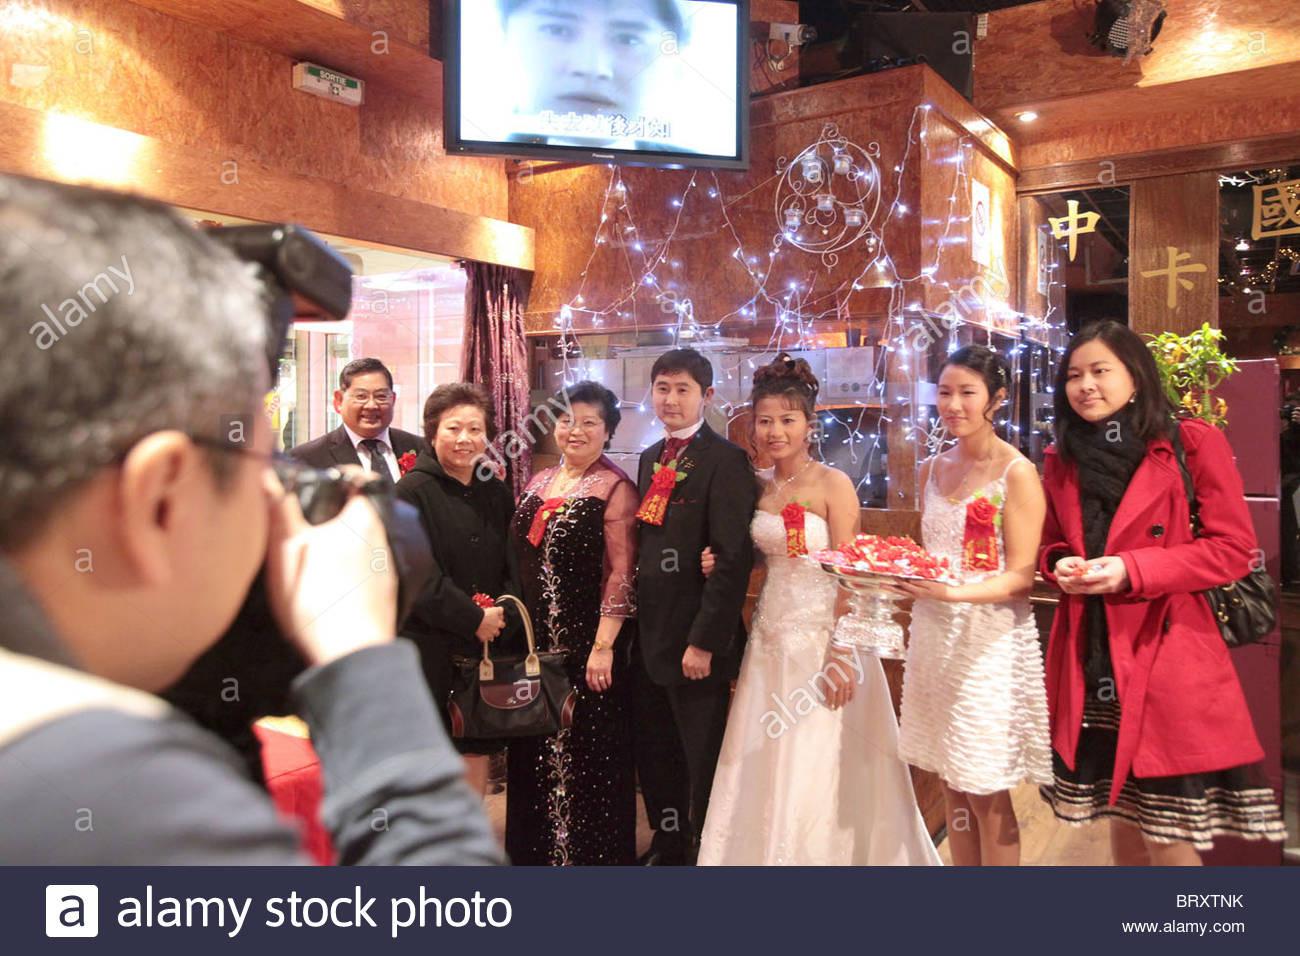 Chinesische Hochzeit Stockfotos & Chinesische Hochzeit